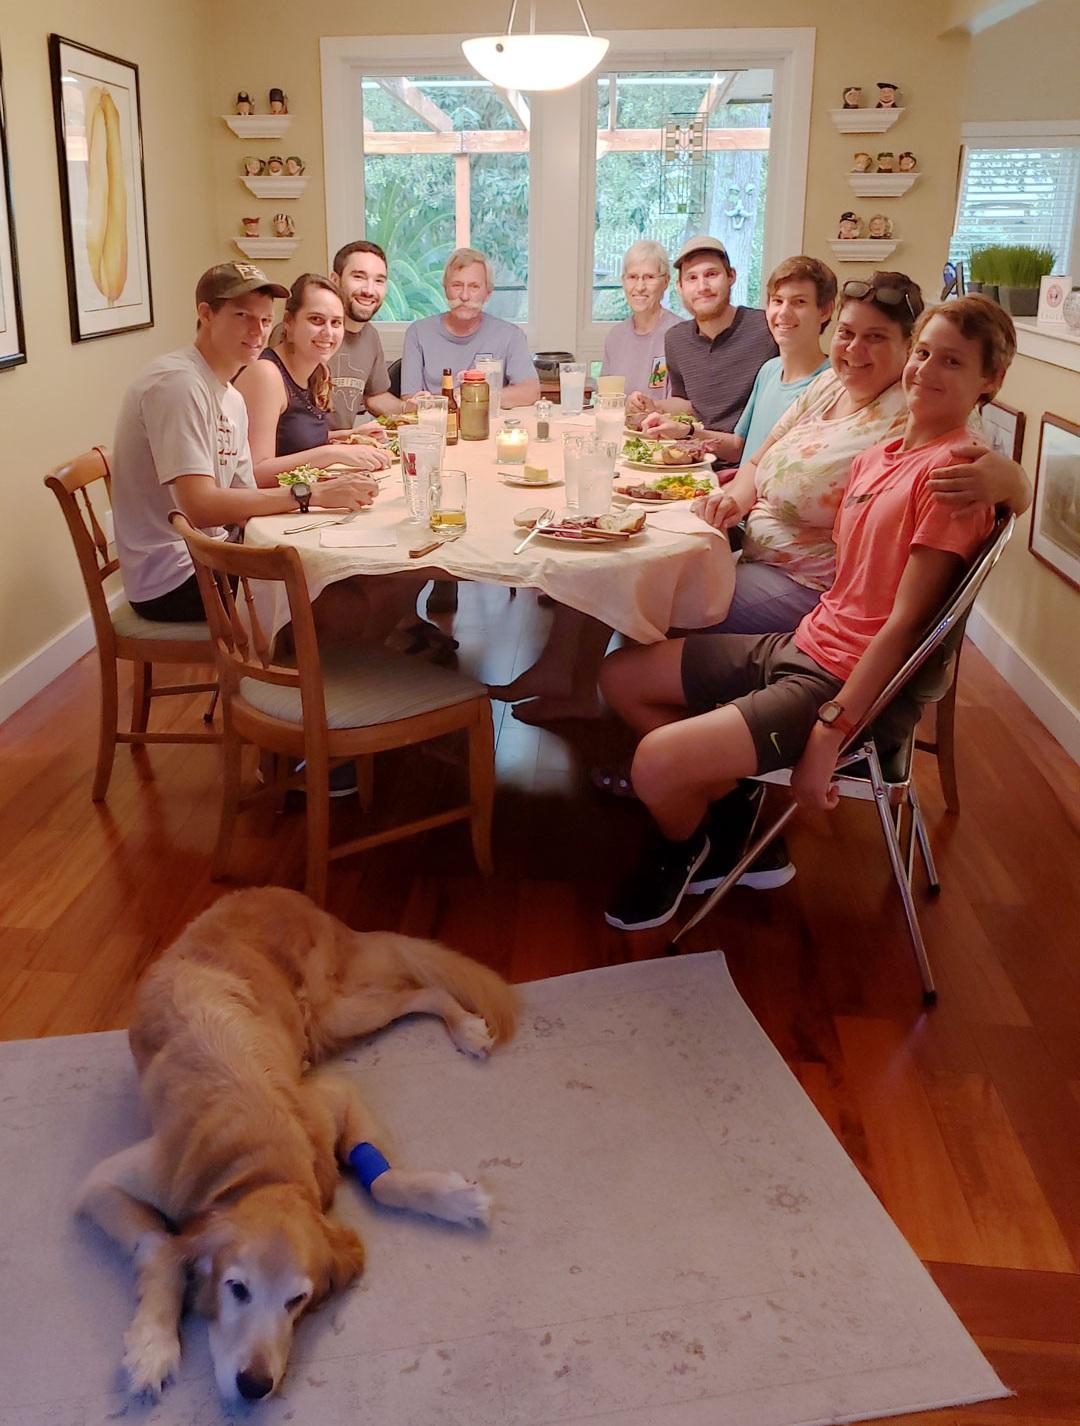 Sunny-and-Family-Dinner.jpg